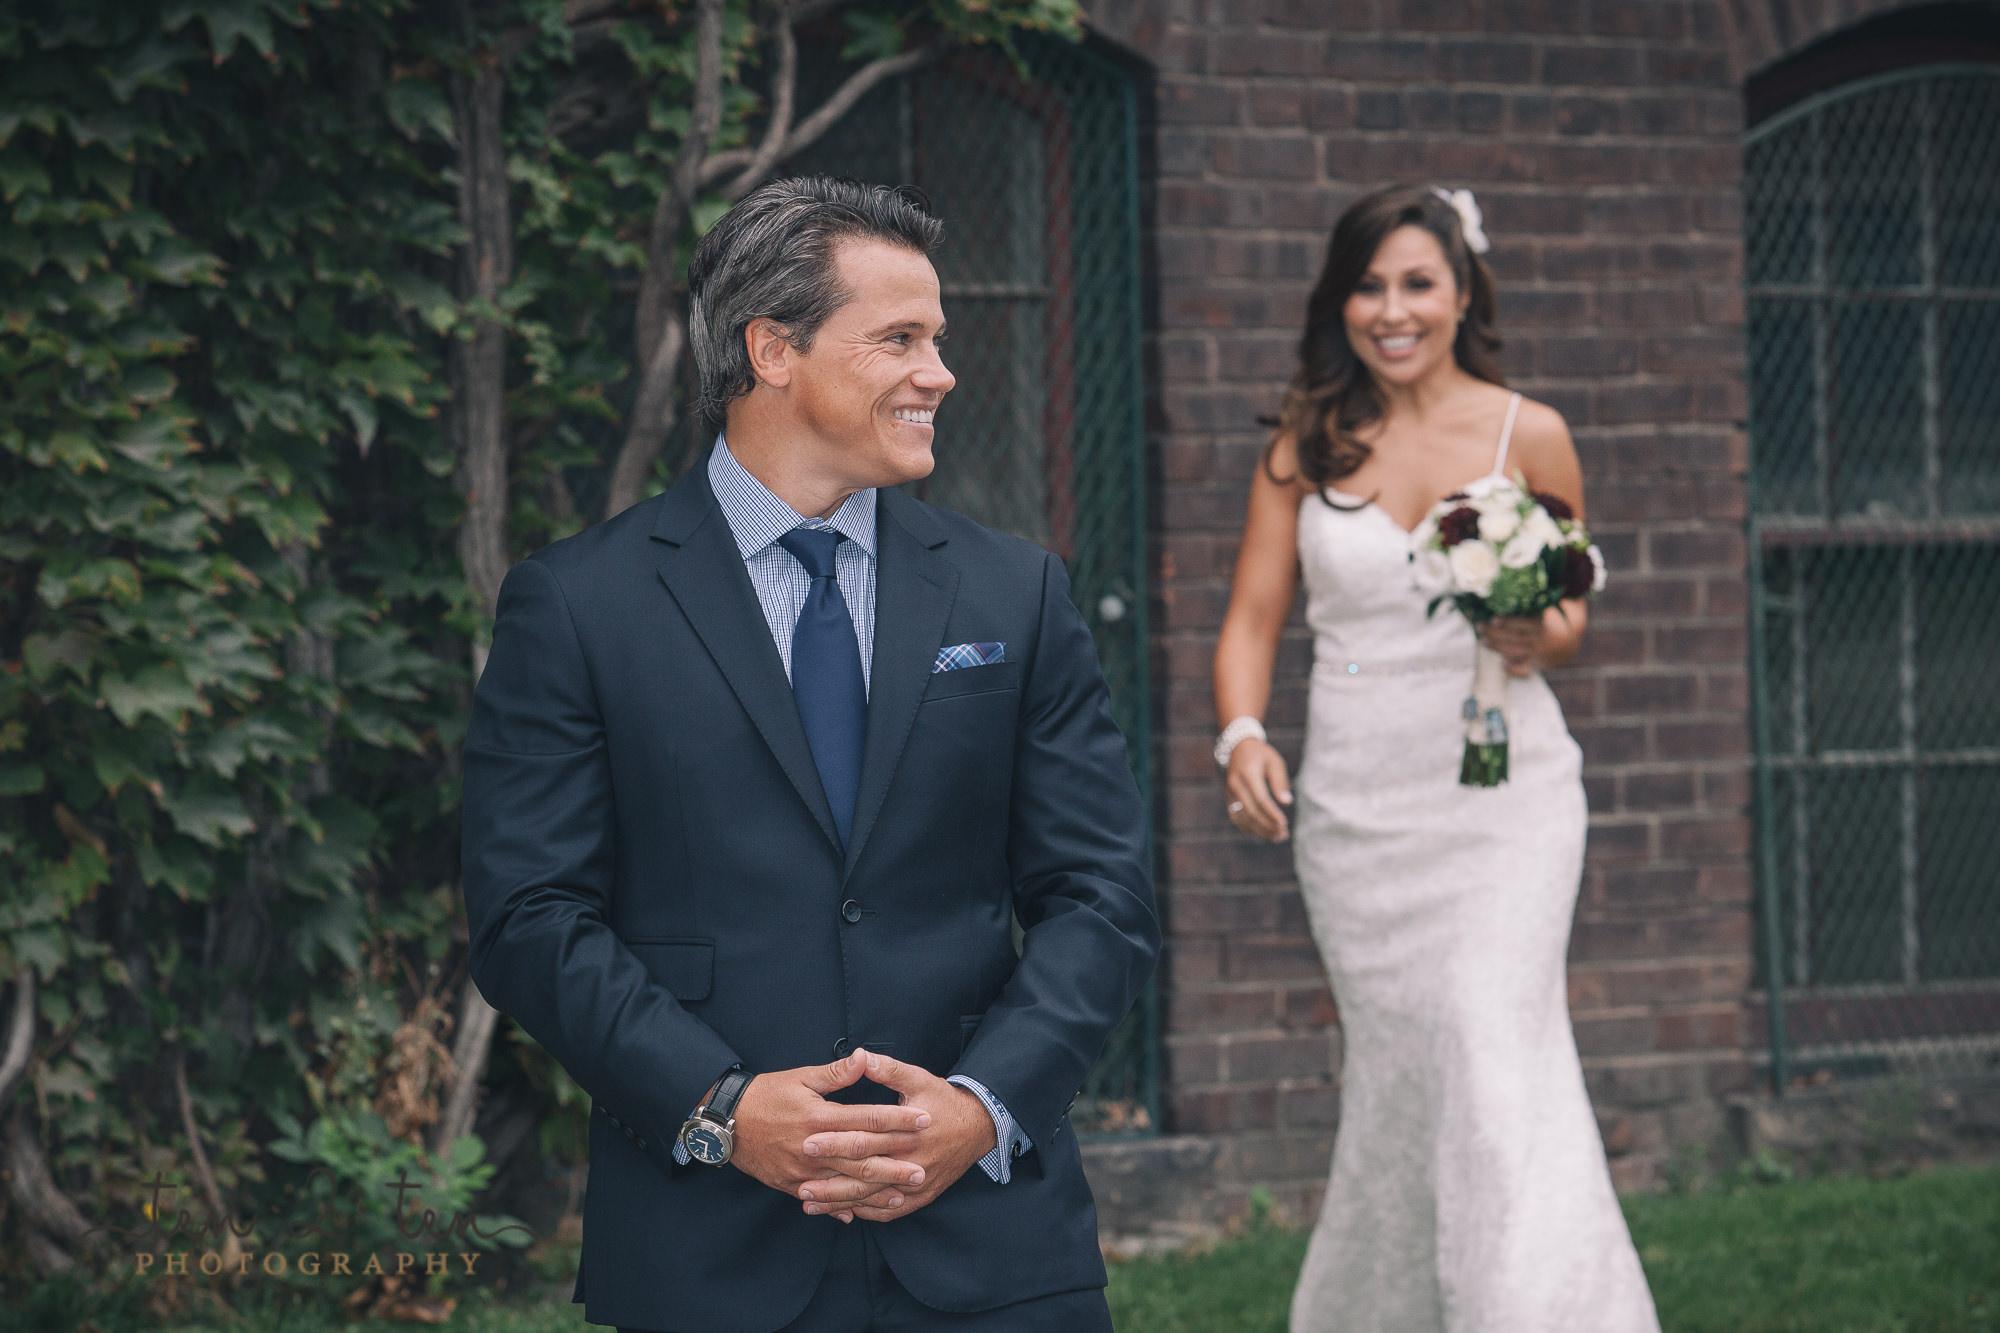 mildreds temple kitchen wedding photos 127 - Mildred's Temple Kitchen Wedding Photos